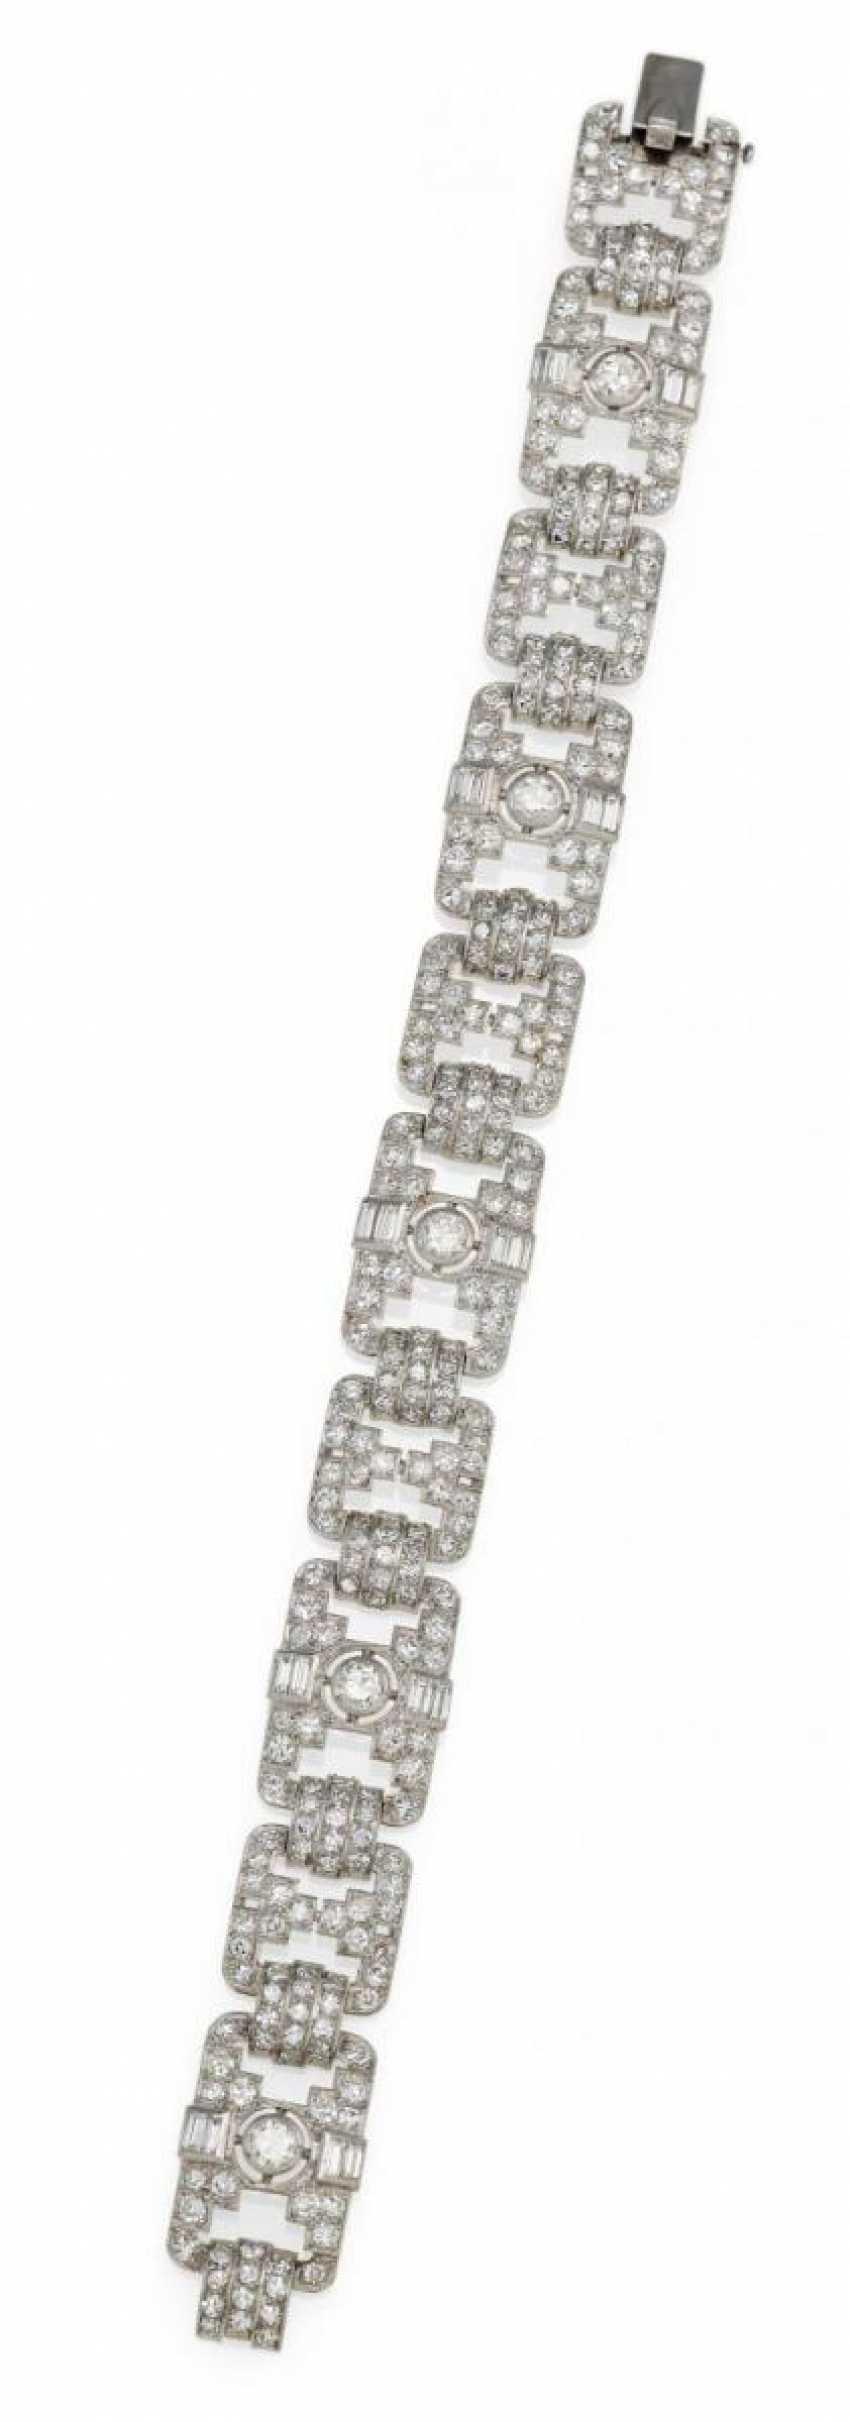 Diamant-Armband - photo 2